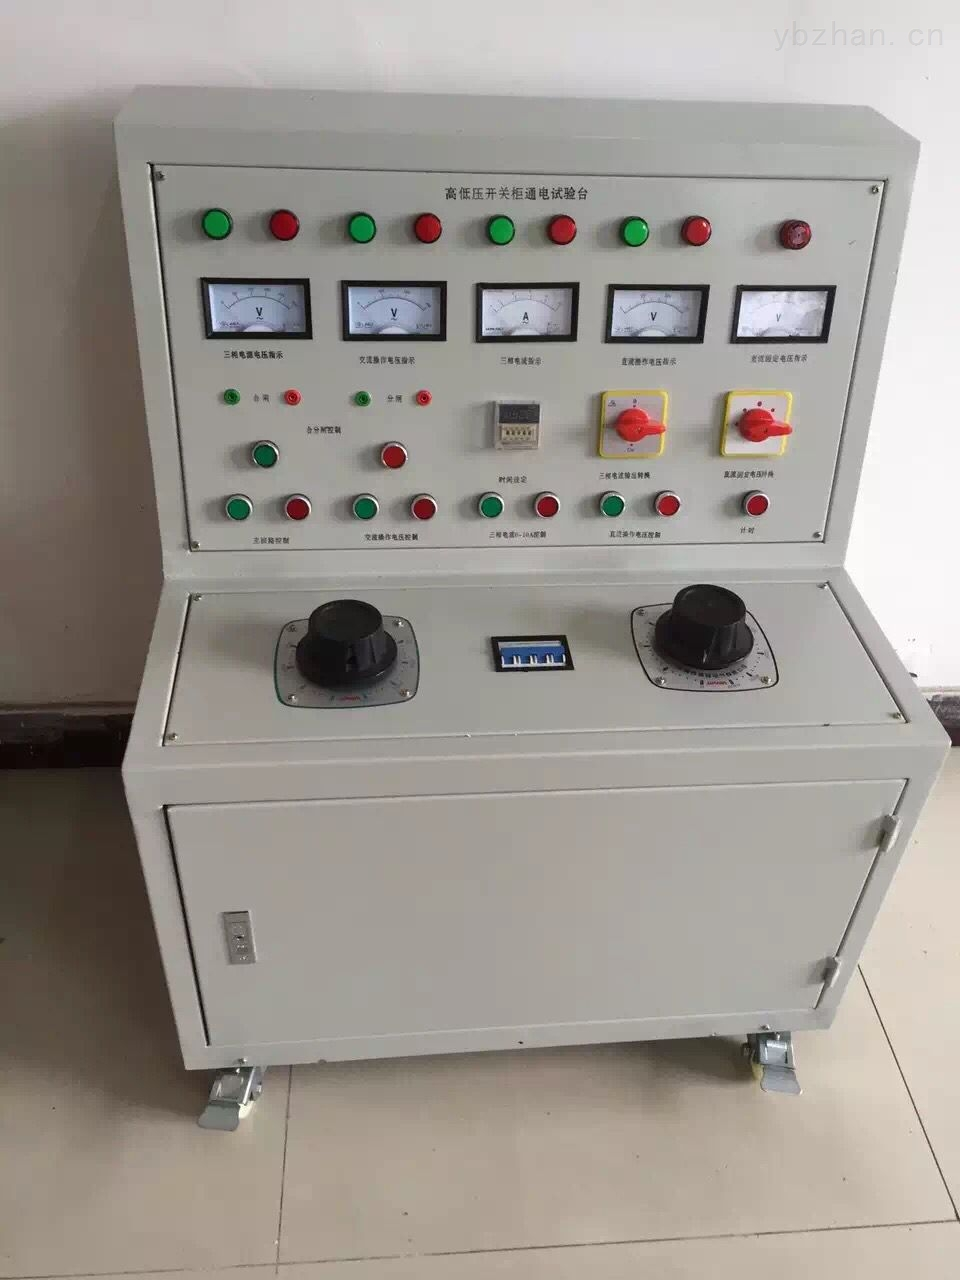 JY-8203系列高低压开关柜通电试验台